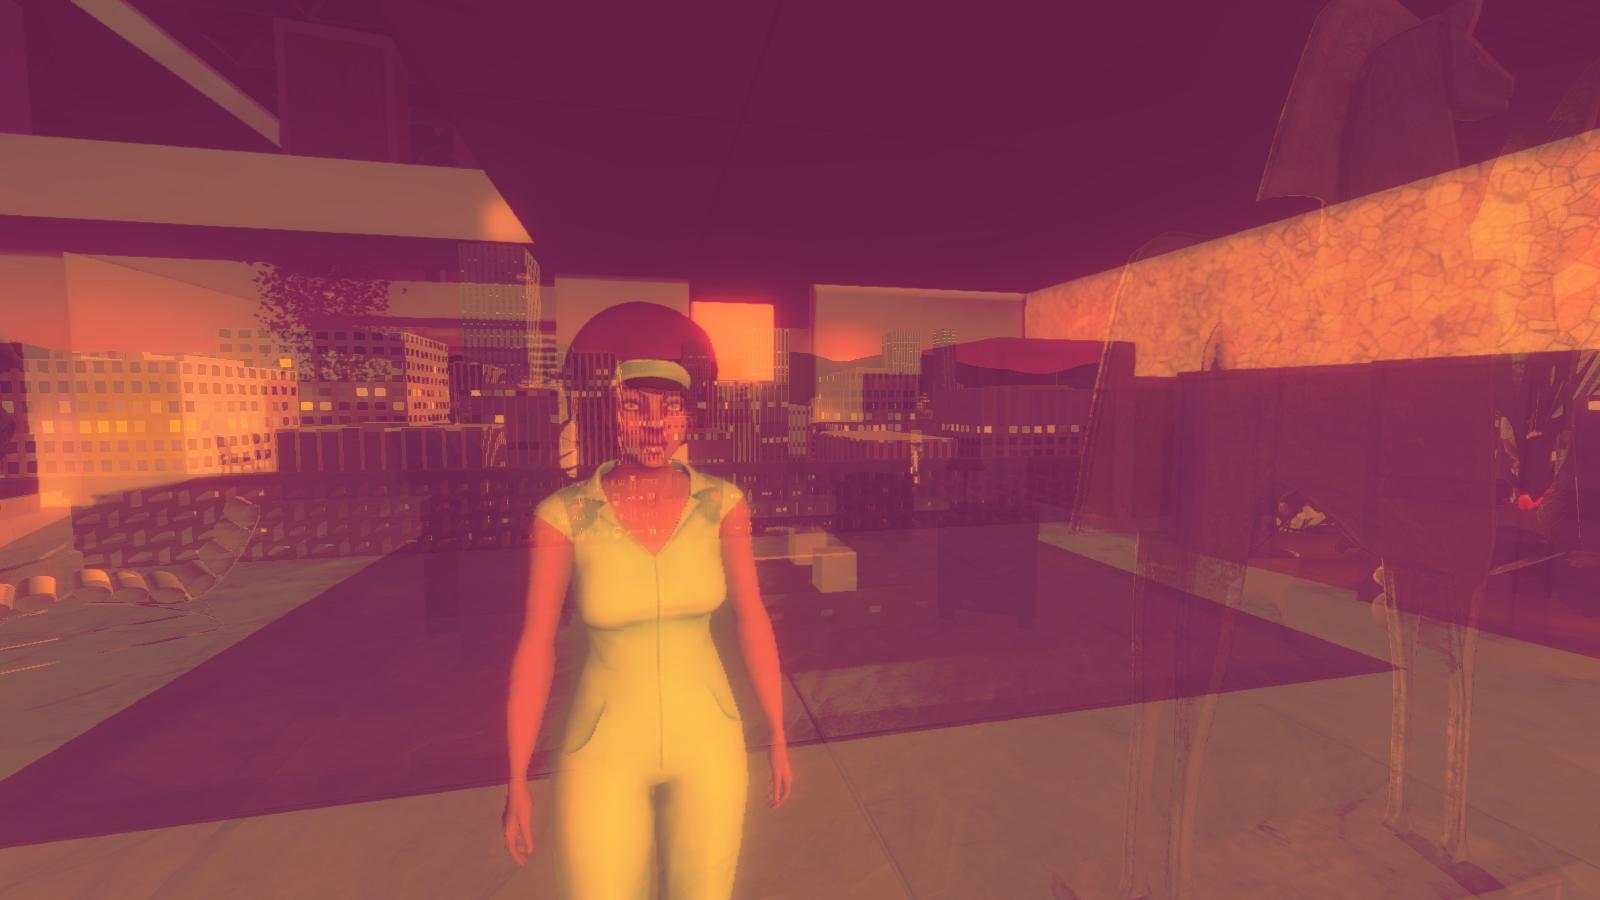 Eine schwarze Frau spiegelt sich in einer Fensterscheibe, draußen ist eine Stadt im Sonnenuntergang zu sehen.